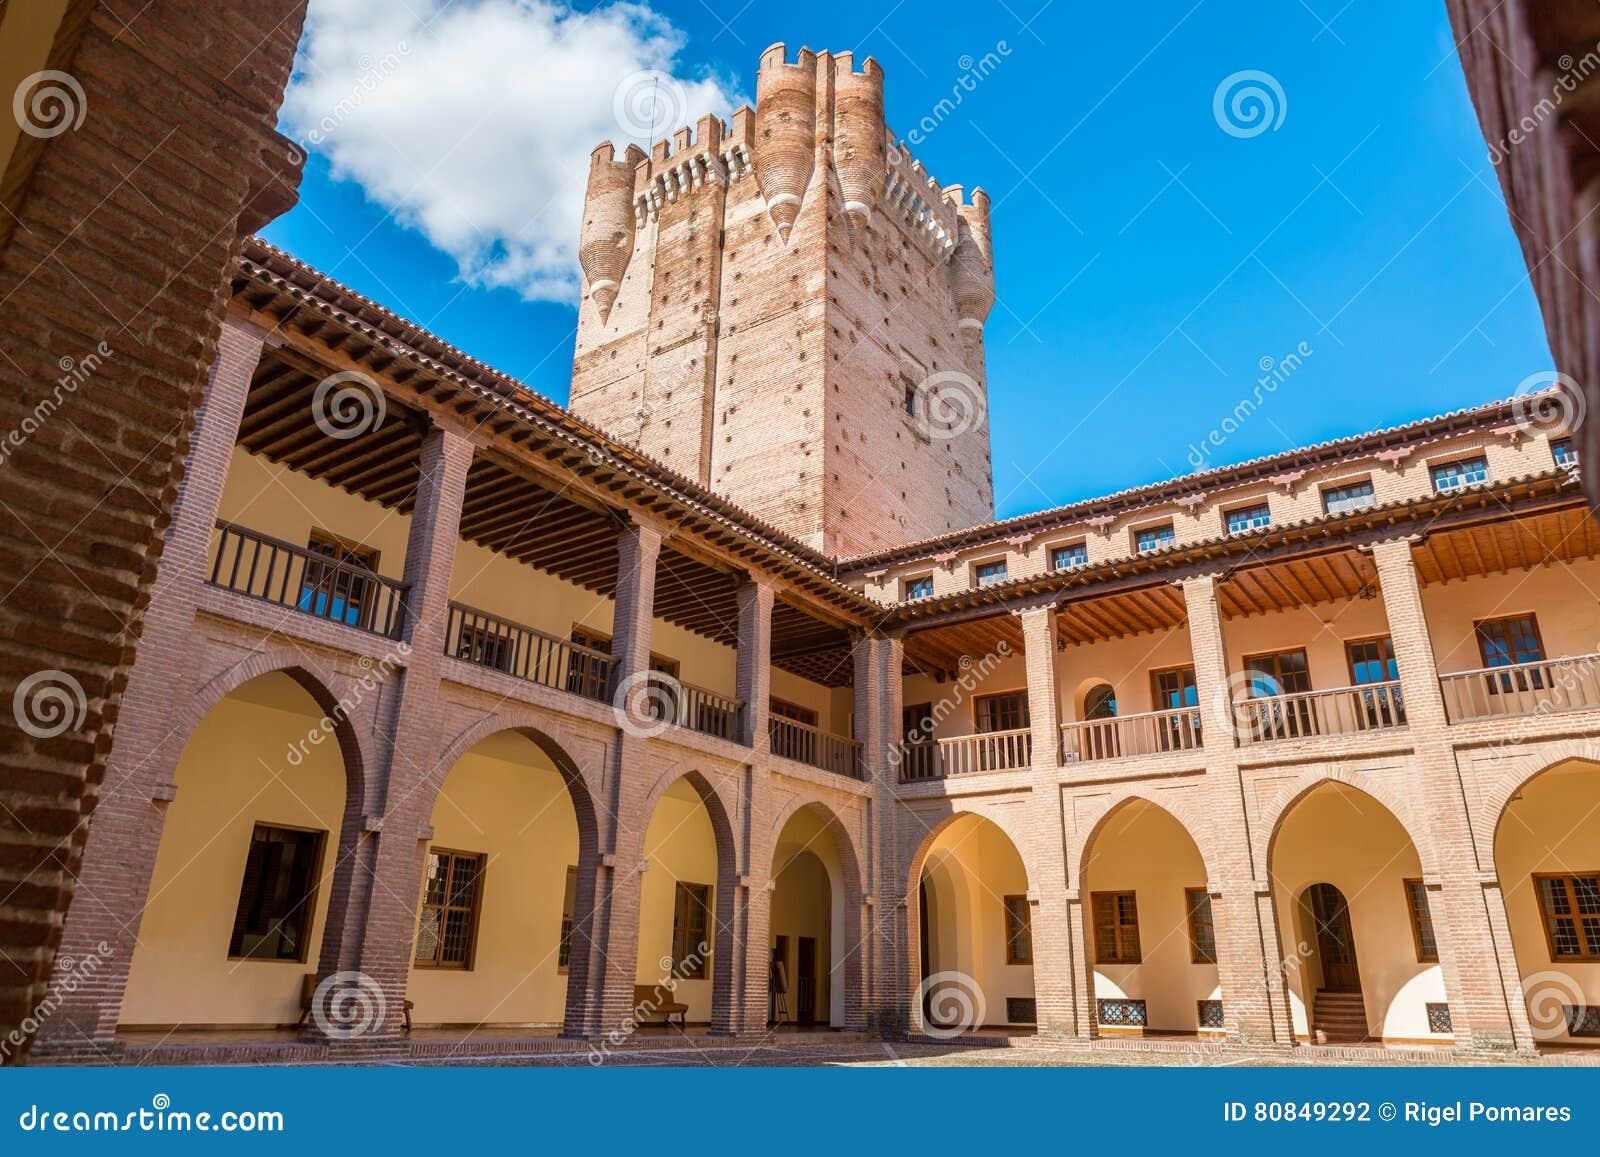 Vista interna del castello famoso Castillo de la Mota in Medina del Campo, Valladolid, Spagna